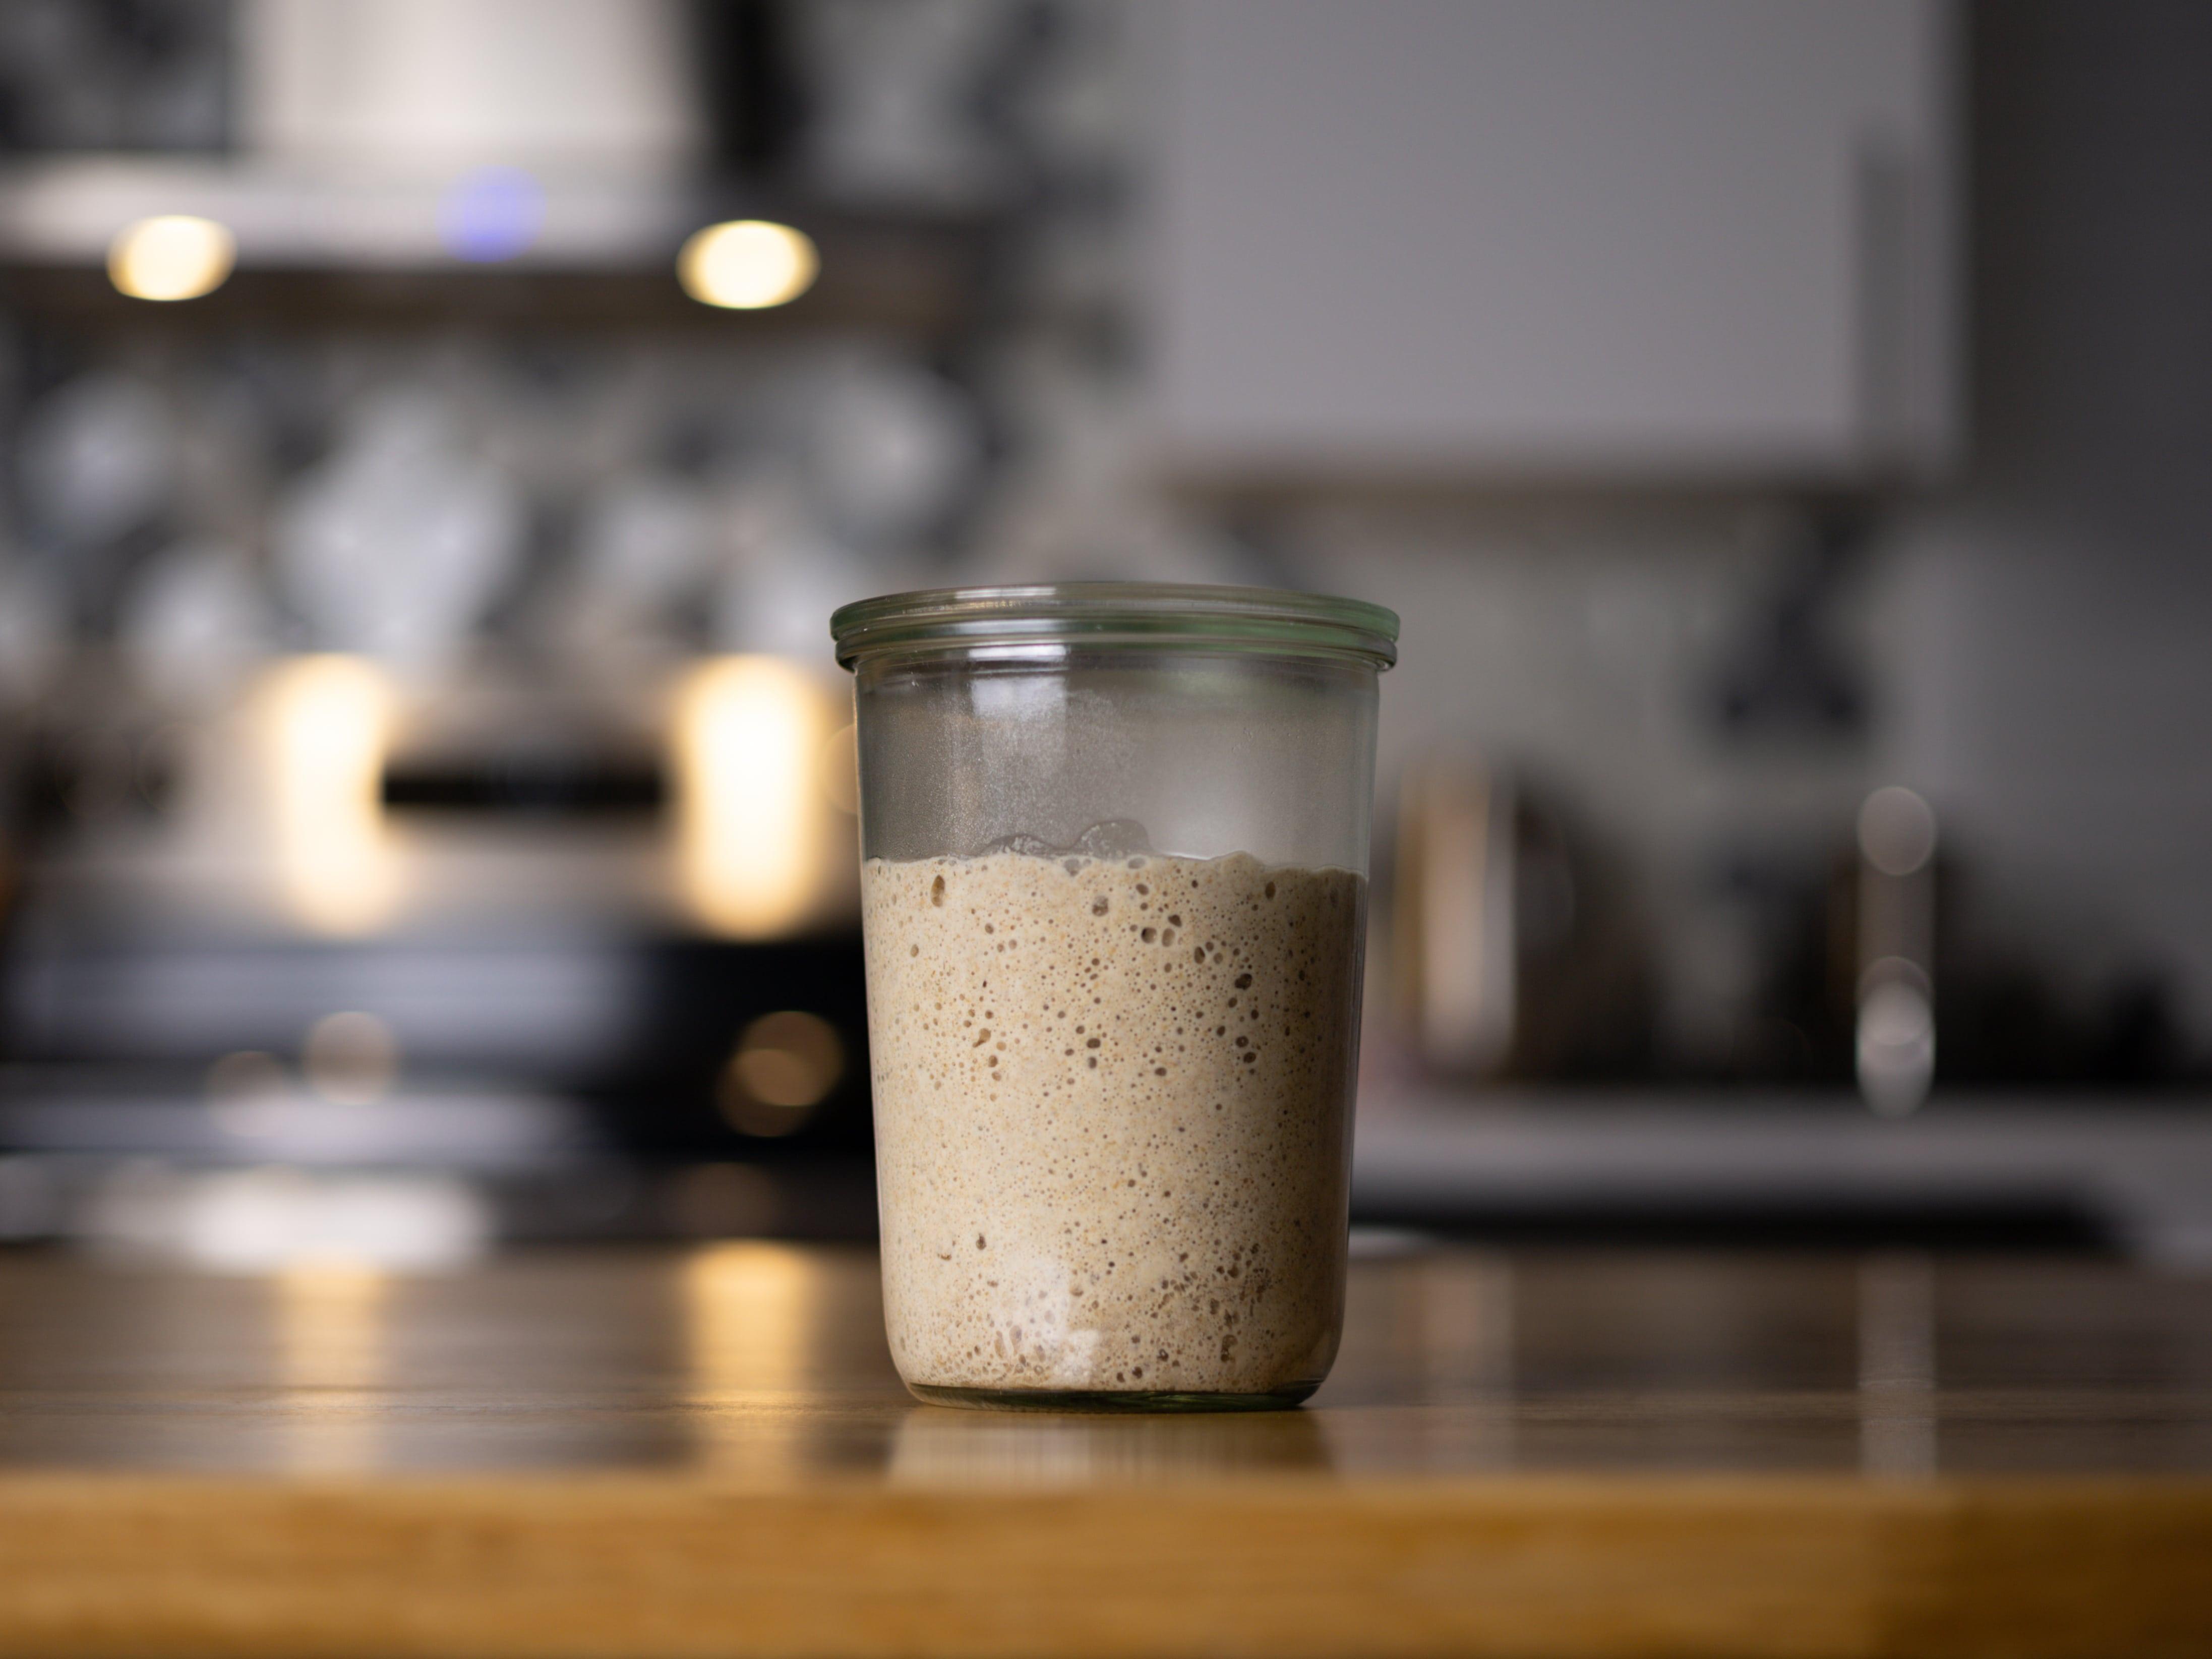 A jar of sourdough starter